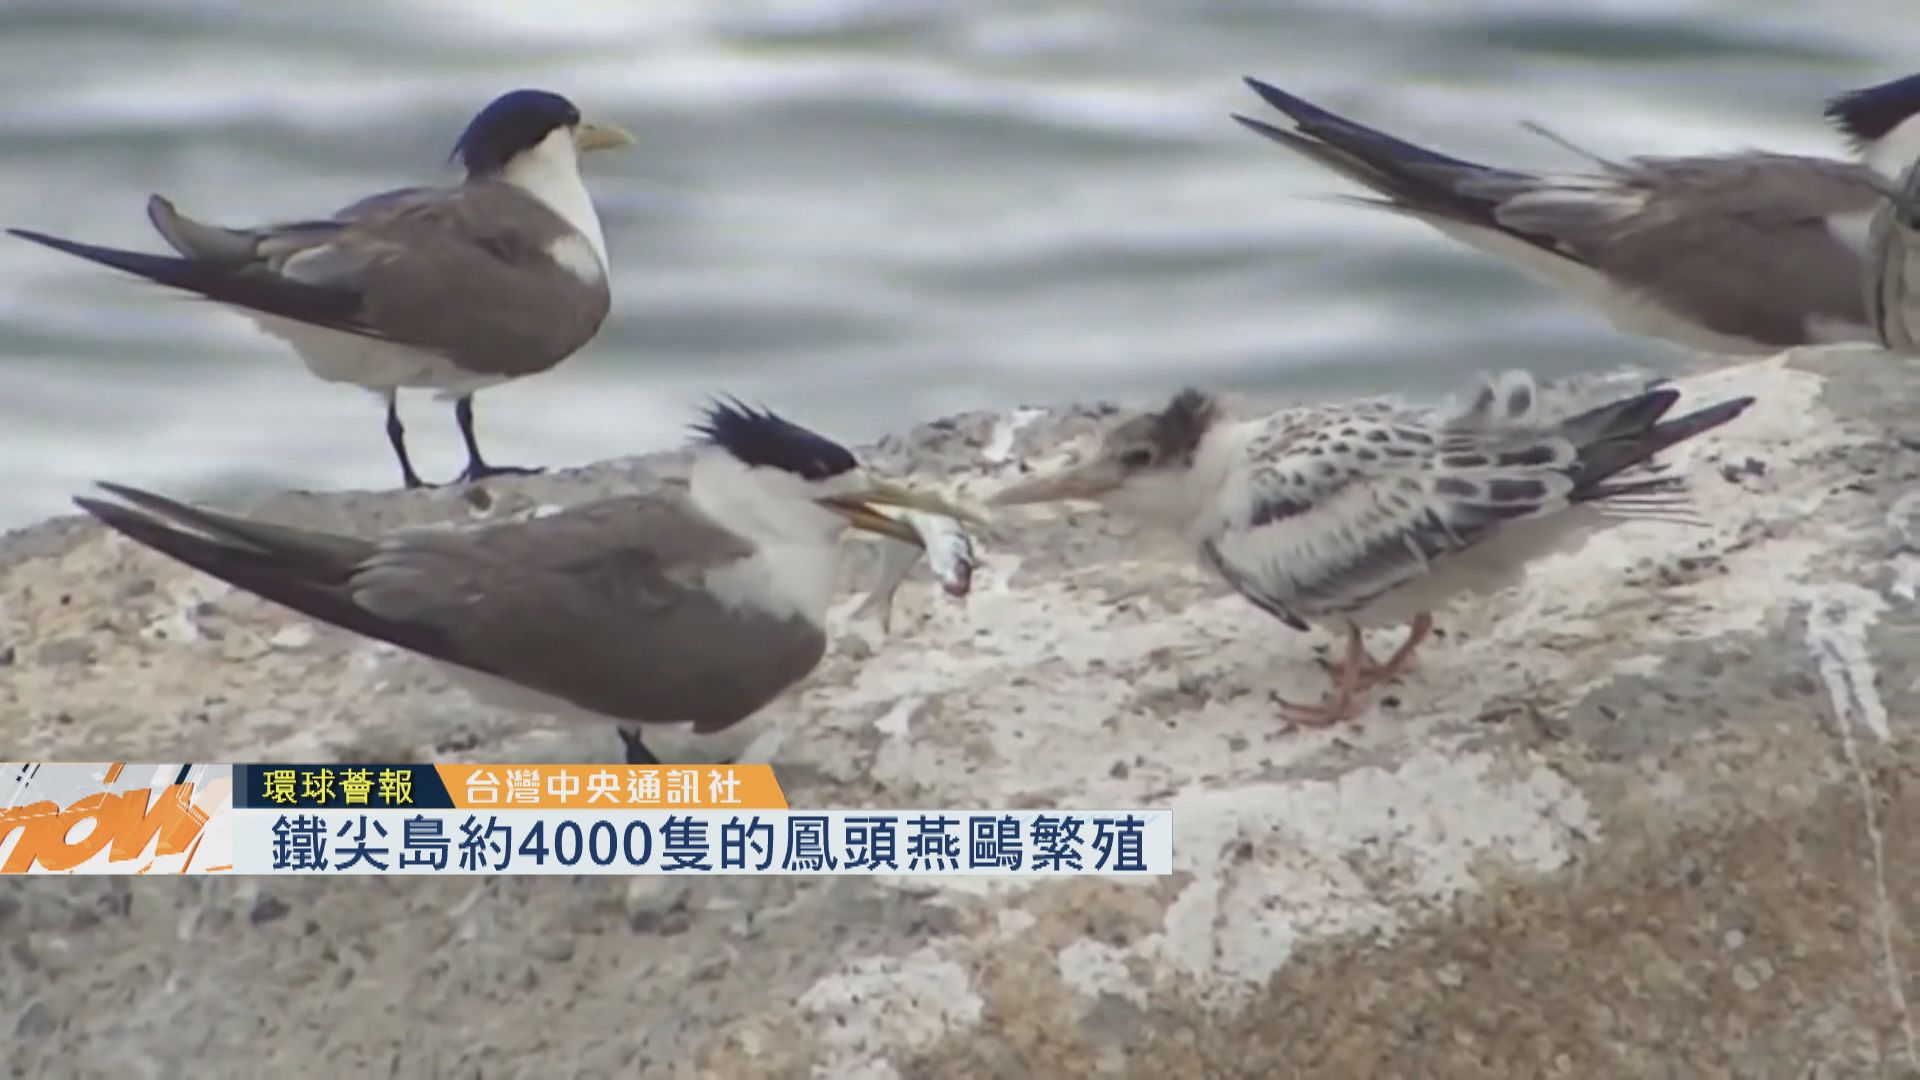 【環球薈報】鐵尖島約4000隻燕鷗繁殖